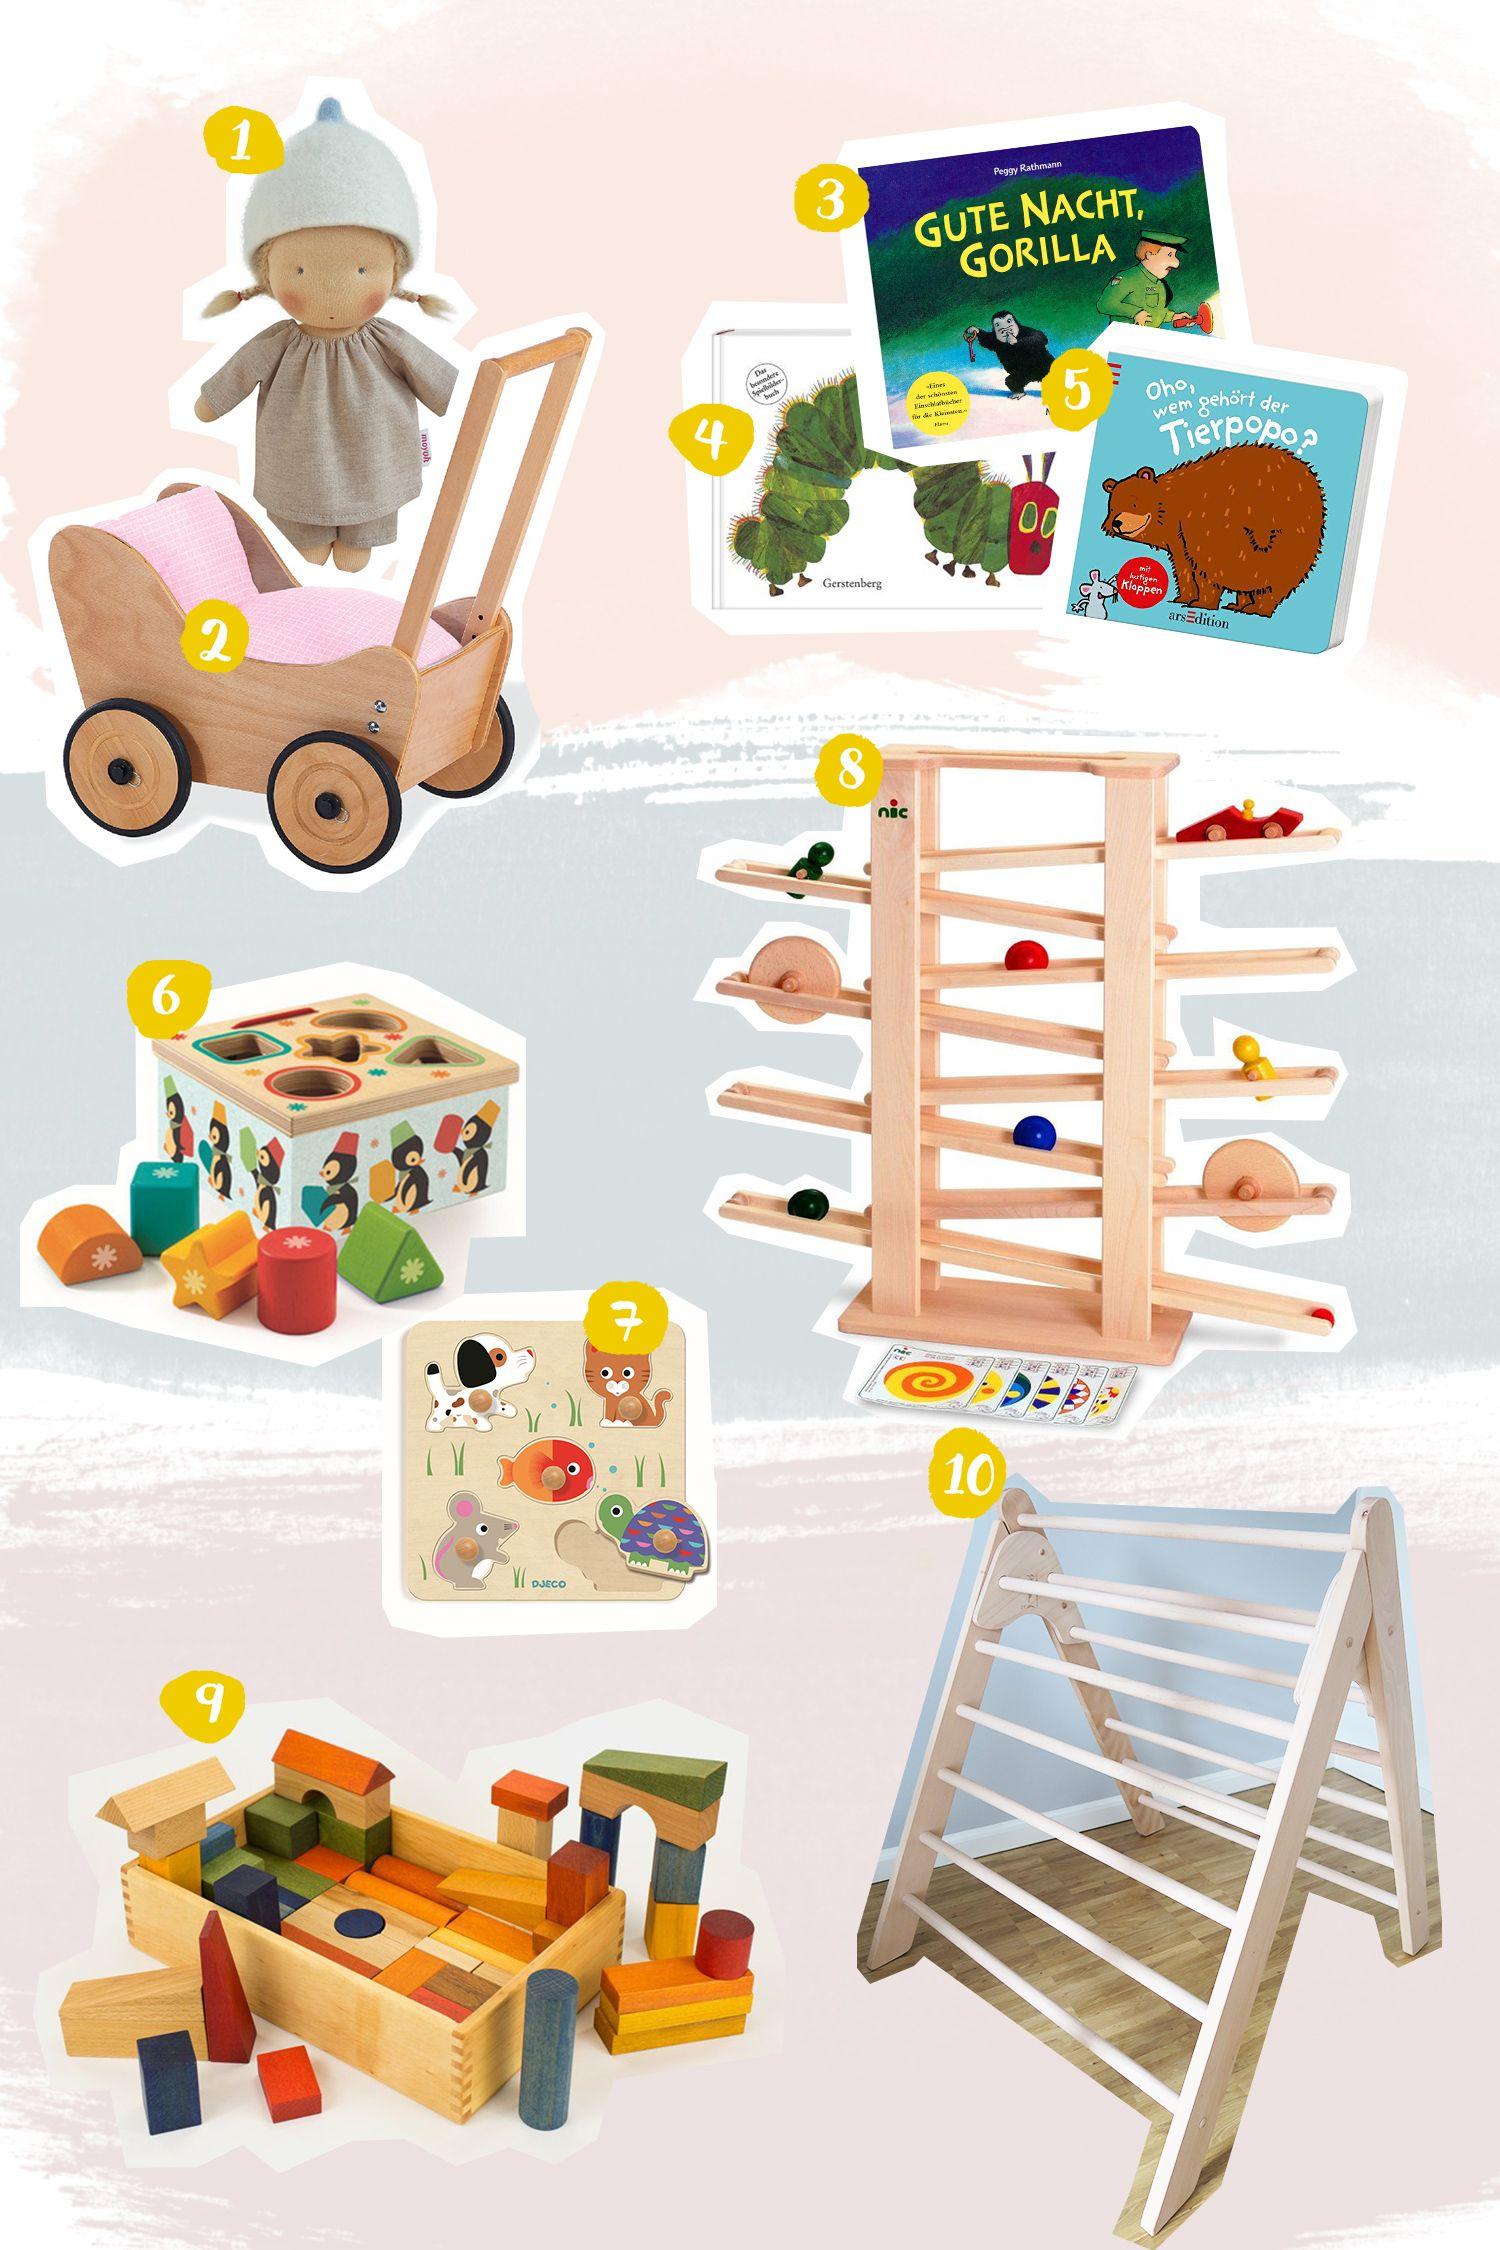 Sinnvolle Geschenke Zum 1 Geburtstag Spielzeug Fur Baby Kleinkind Spielzeug Fur Baby Baby Geschenke Sinnvolle Geschenke